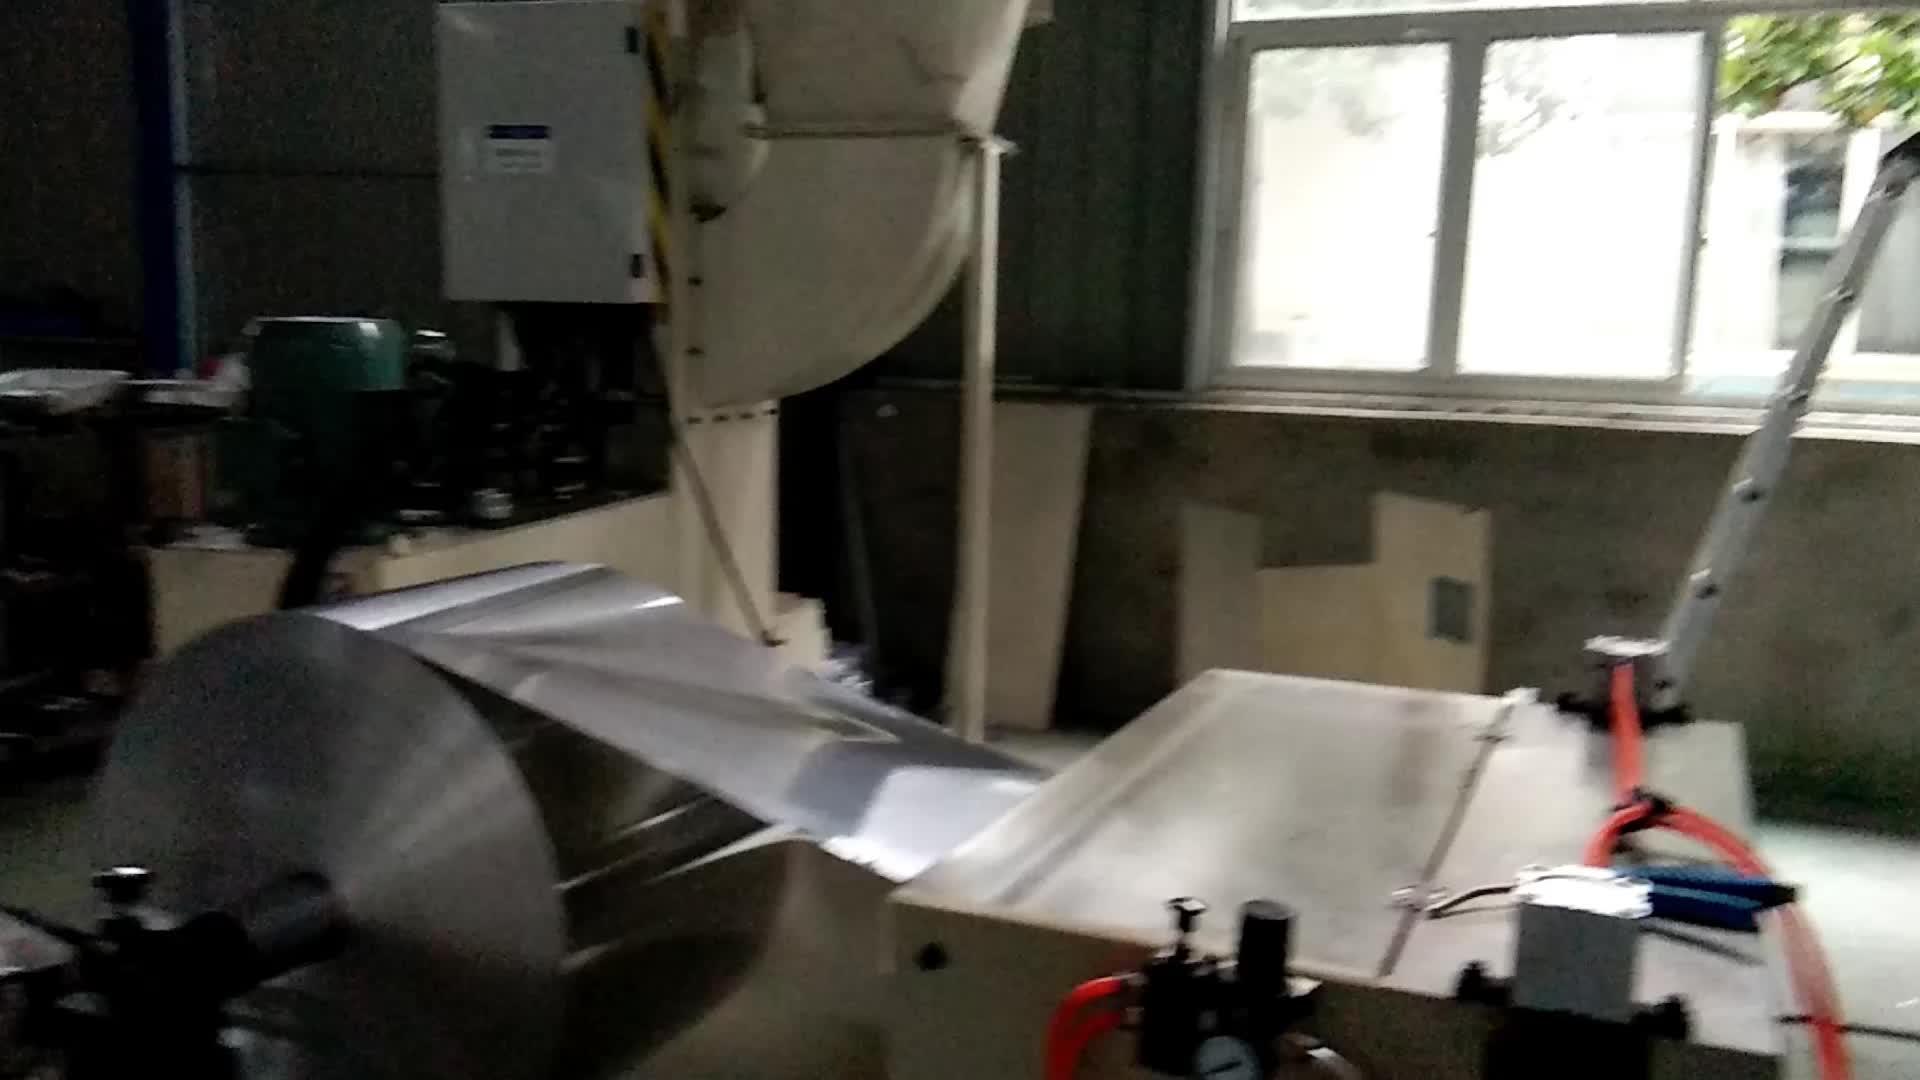 เครื่องทำบรรจุภัณฑ์อลูมิเนียมฟอยล์ประสิทธิภาพสูง